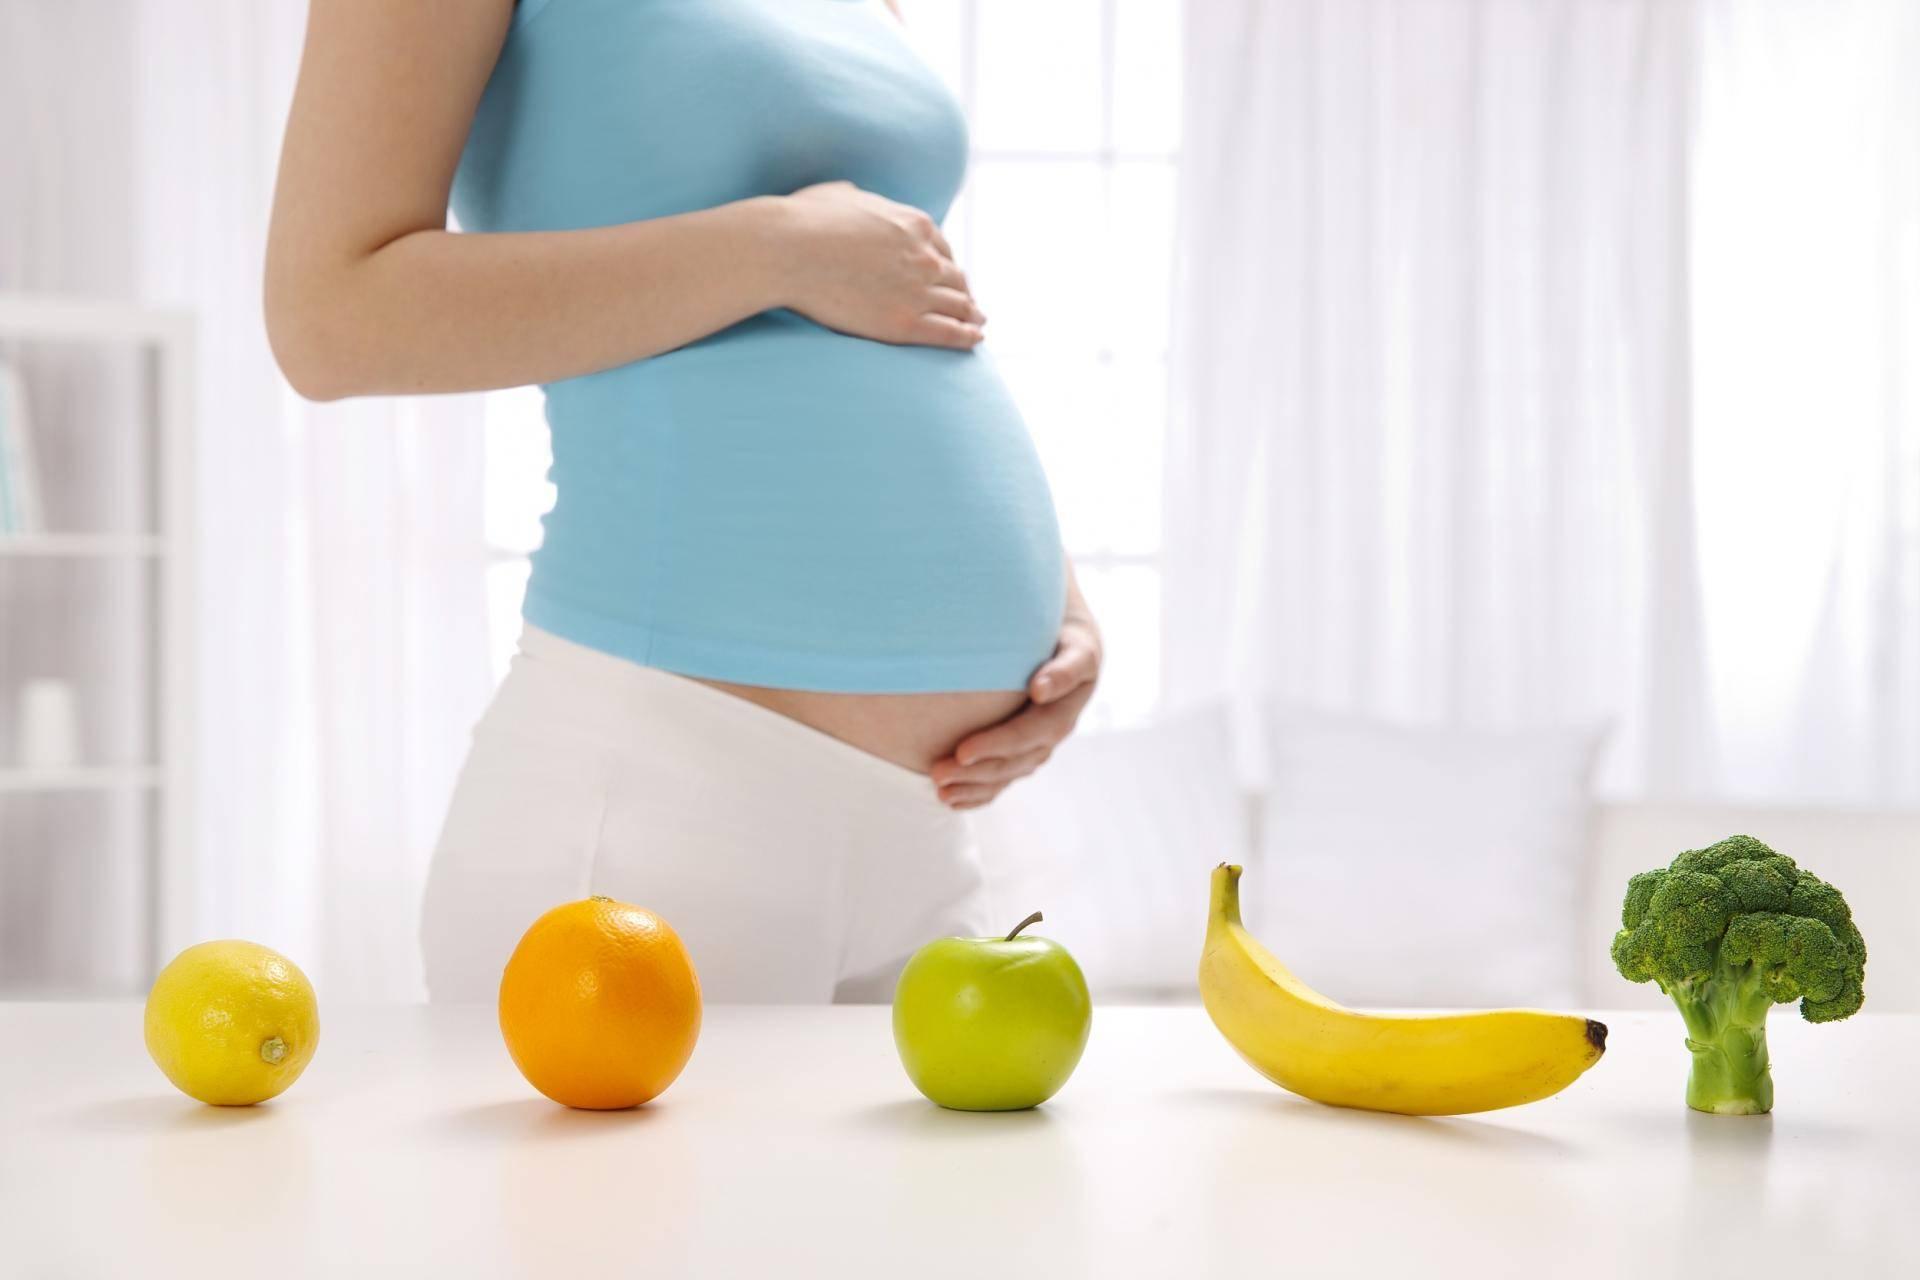 Можно ли беременным мандарины: польза и вред в 1, 2, 3 триместре